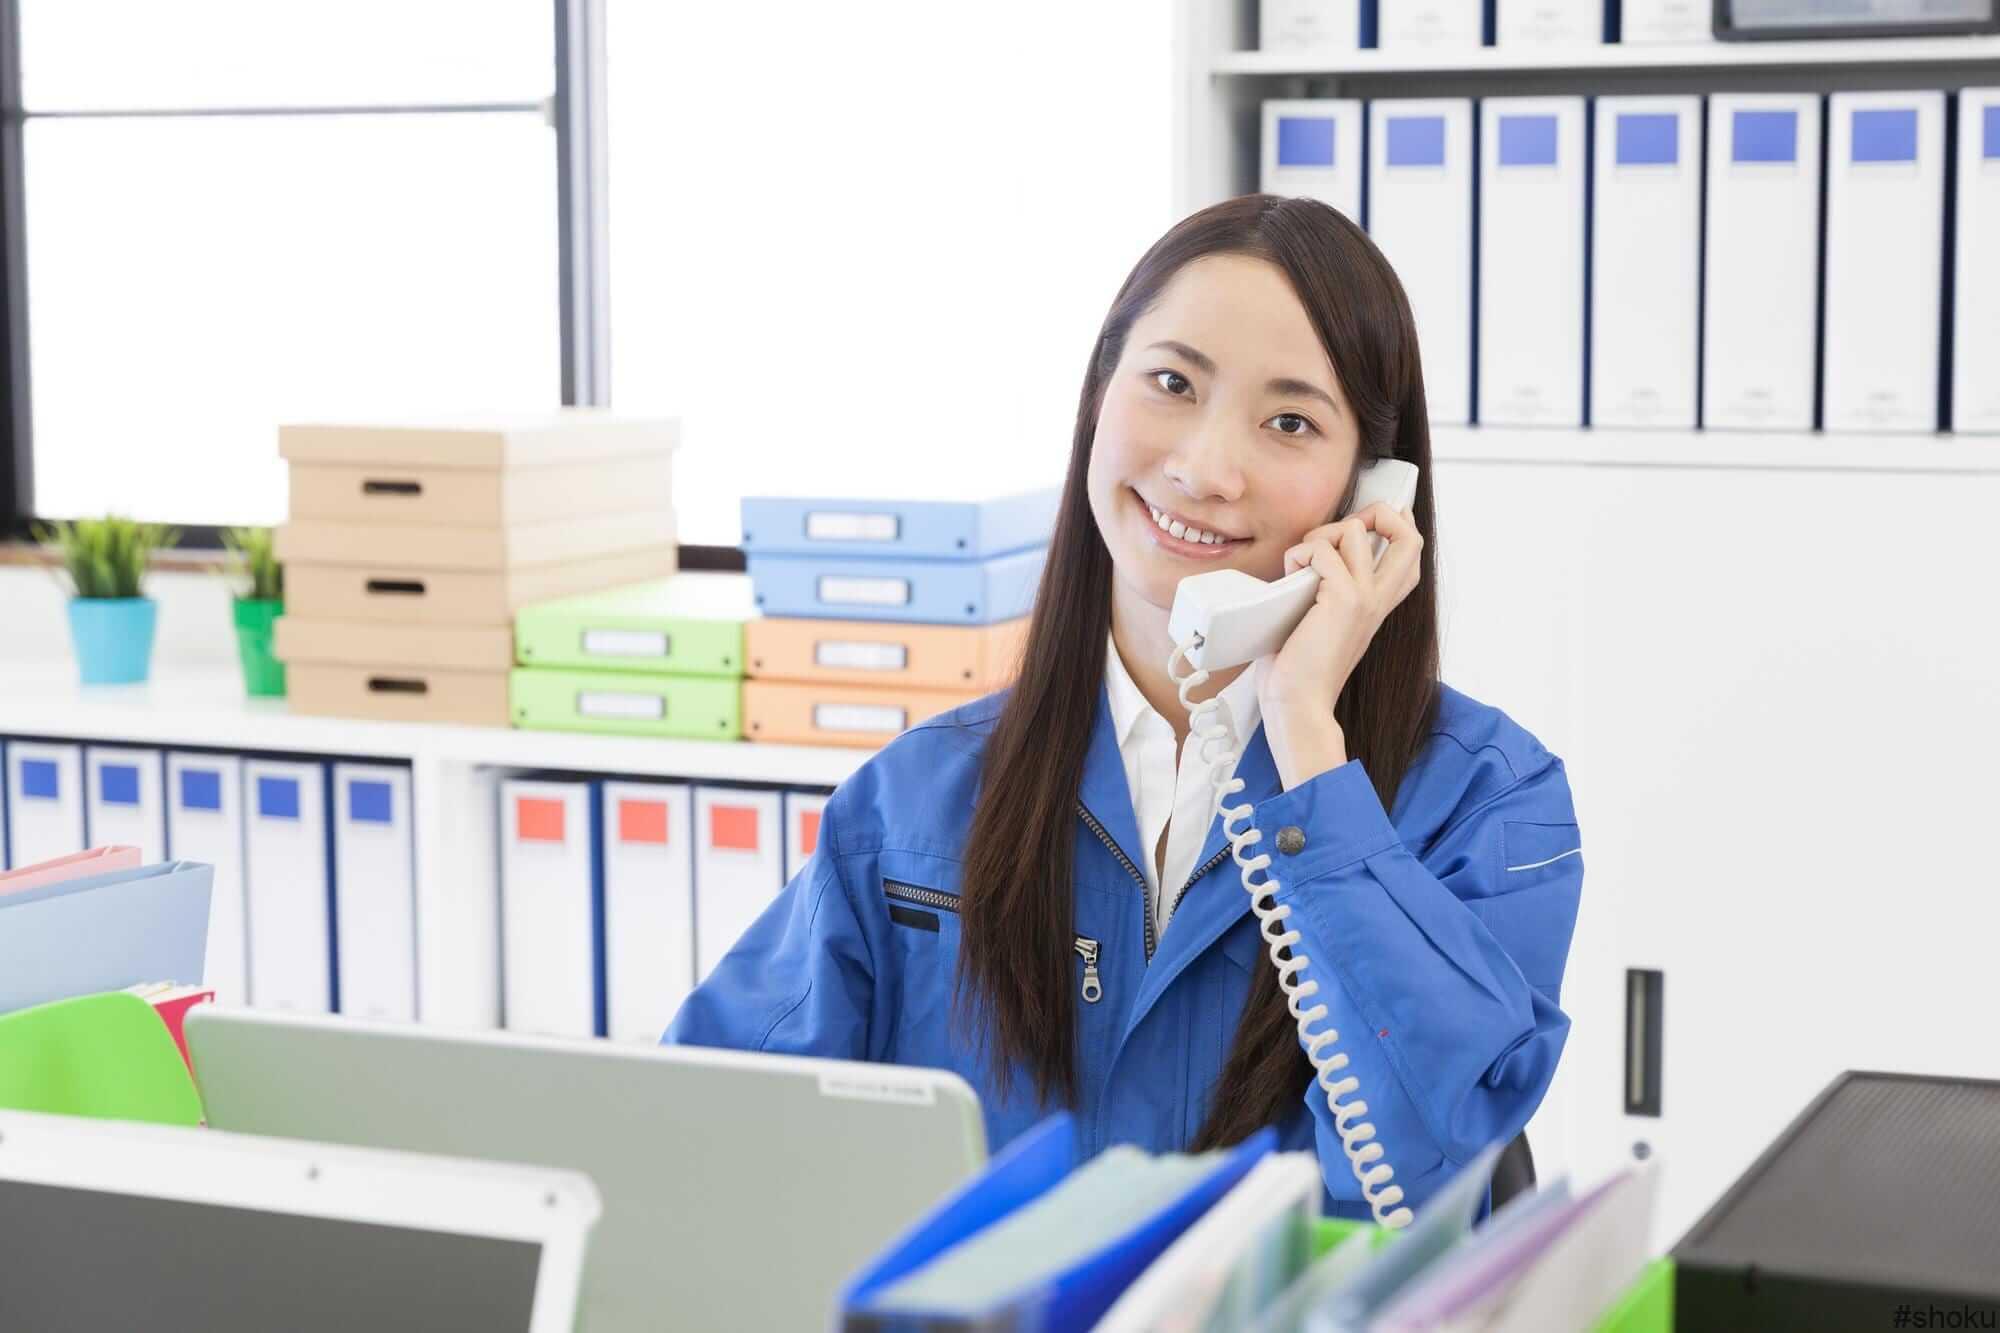 電話取次の仕事に従事する女性